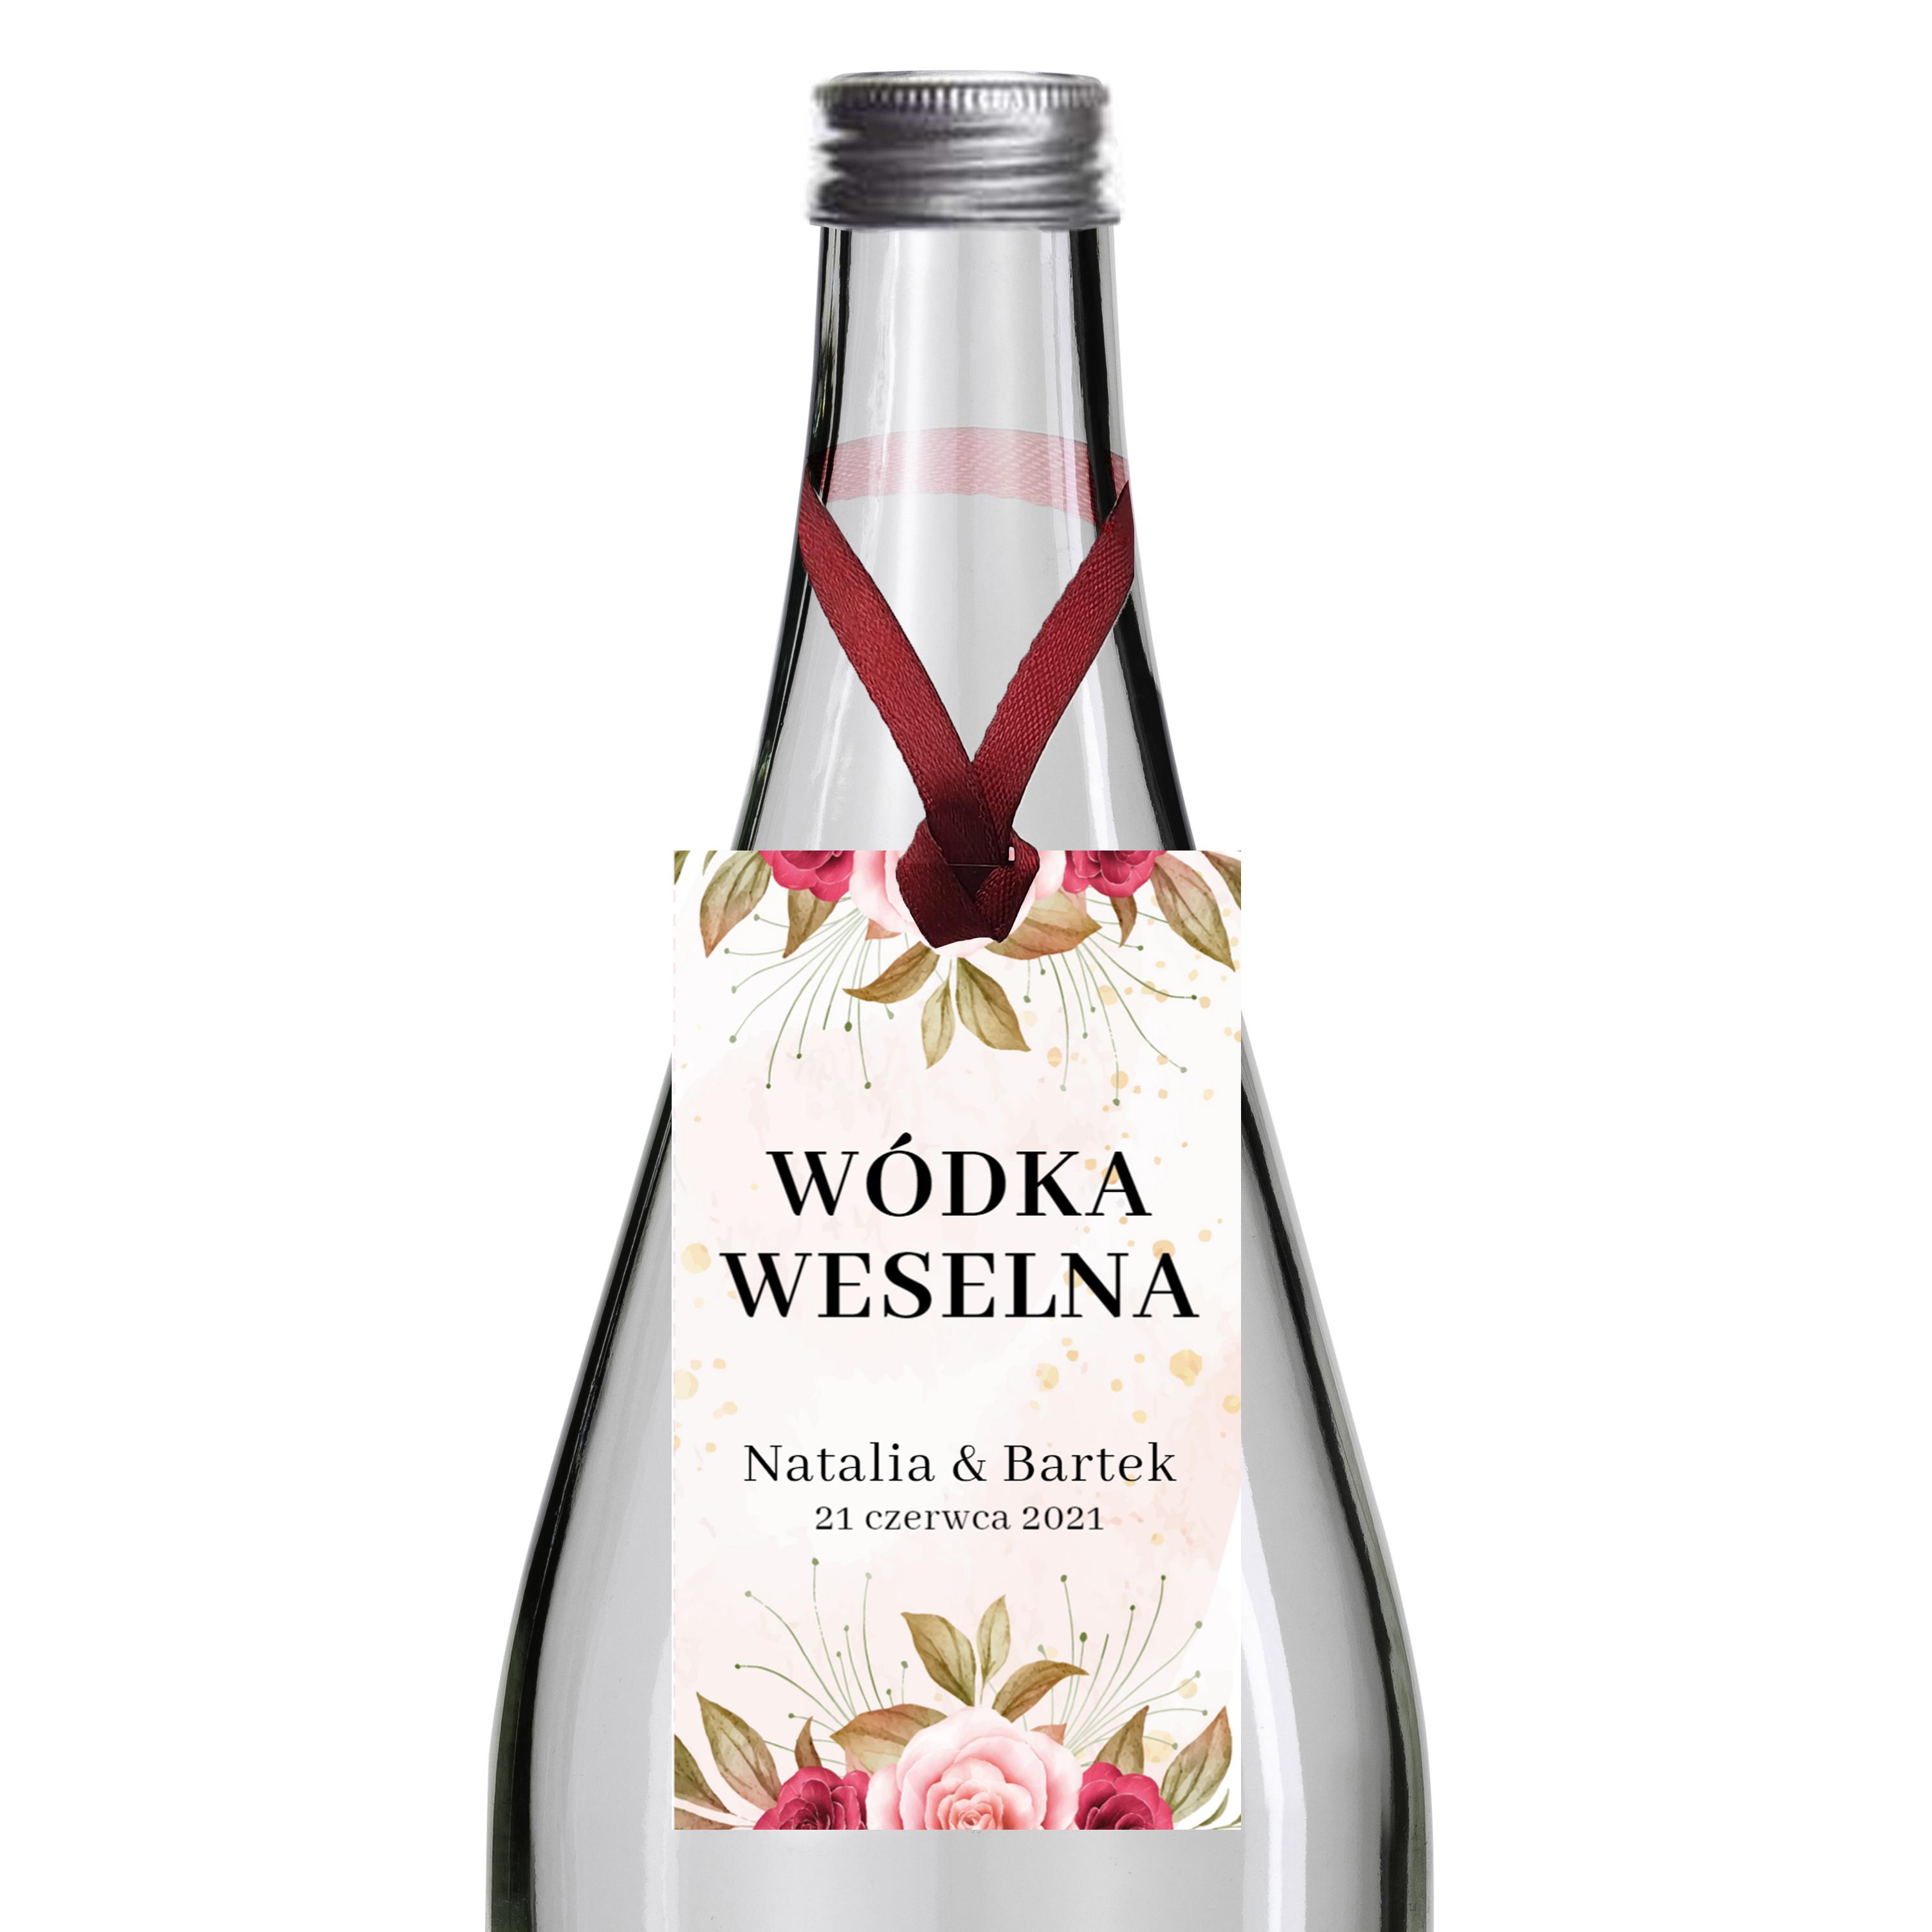 Zawieszki na alkohol wódkę weselną z imionami własny tekst różany motyw